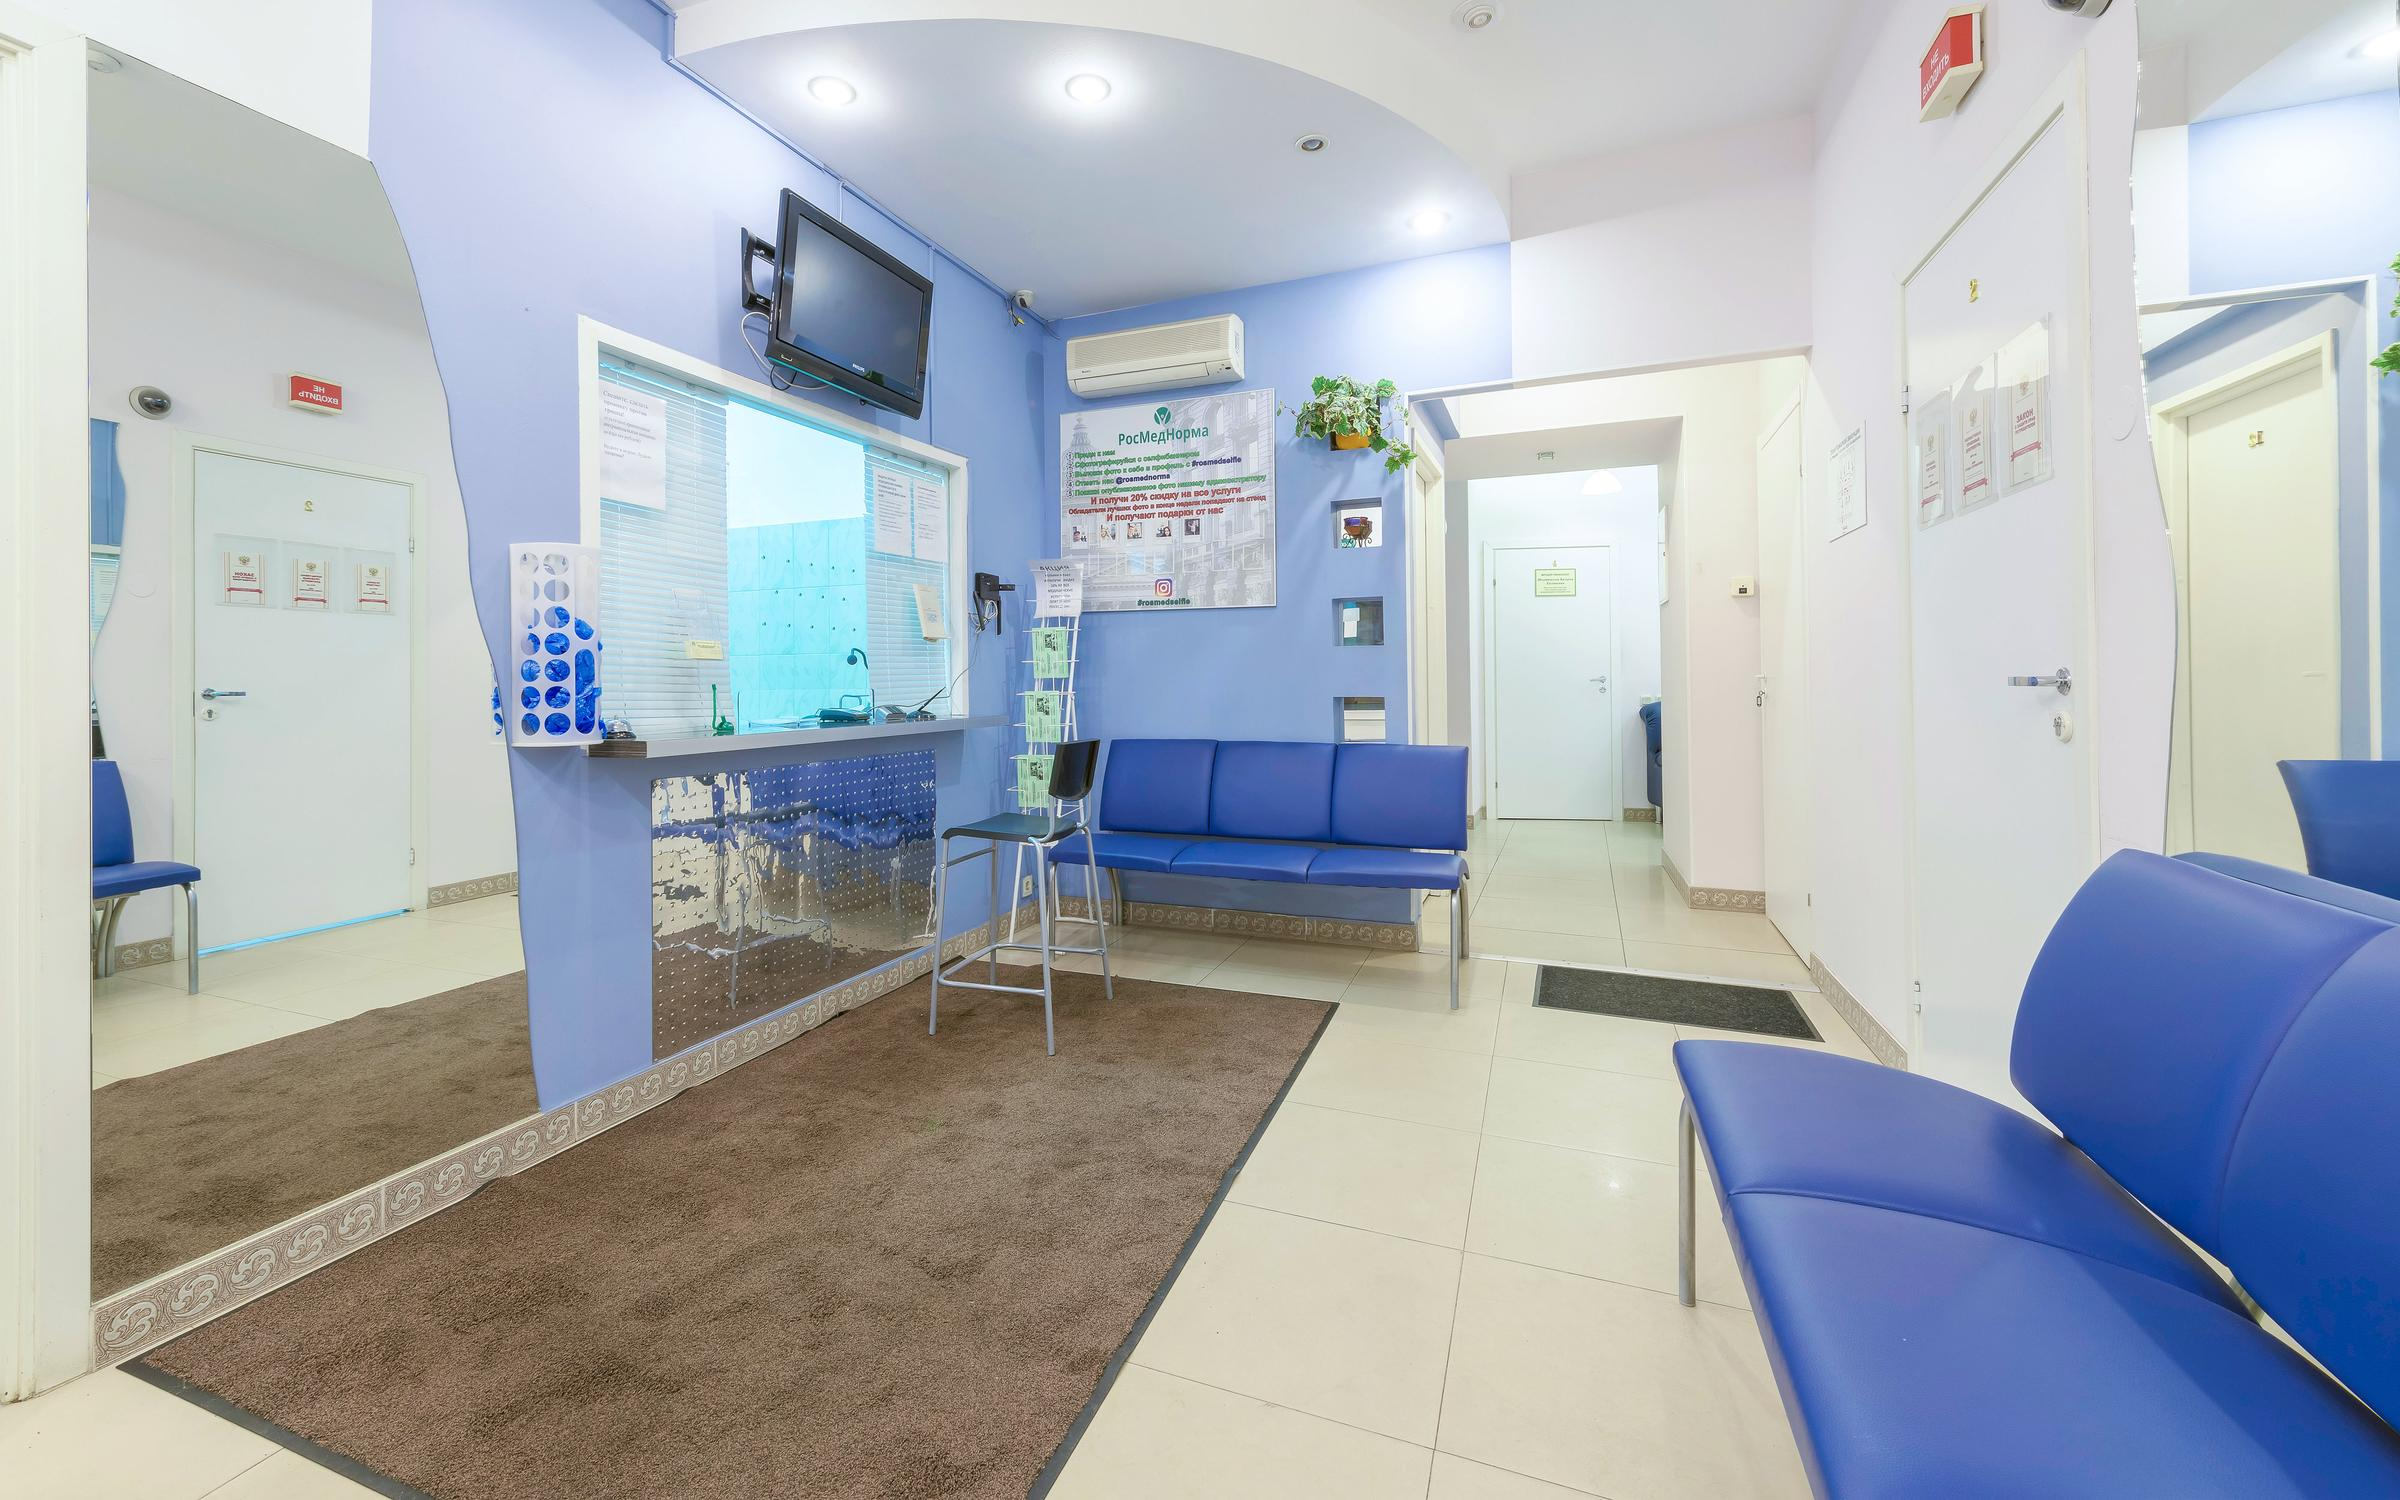 фотография Медицинского центра РосМедНорма на улице Радищева